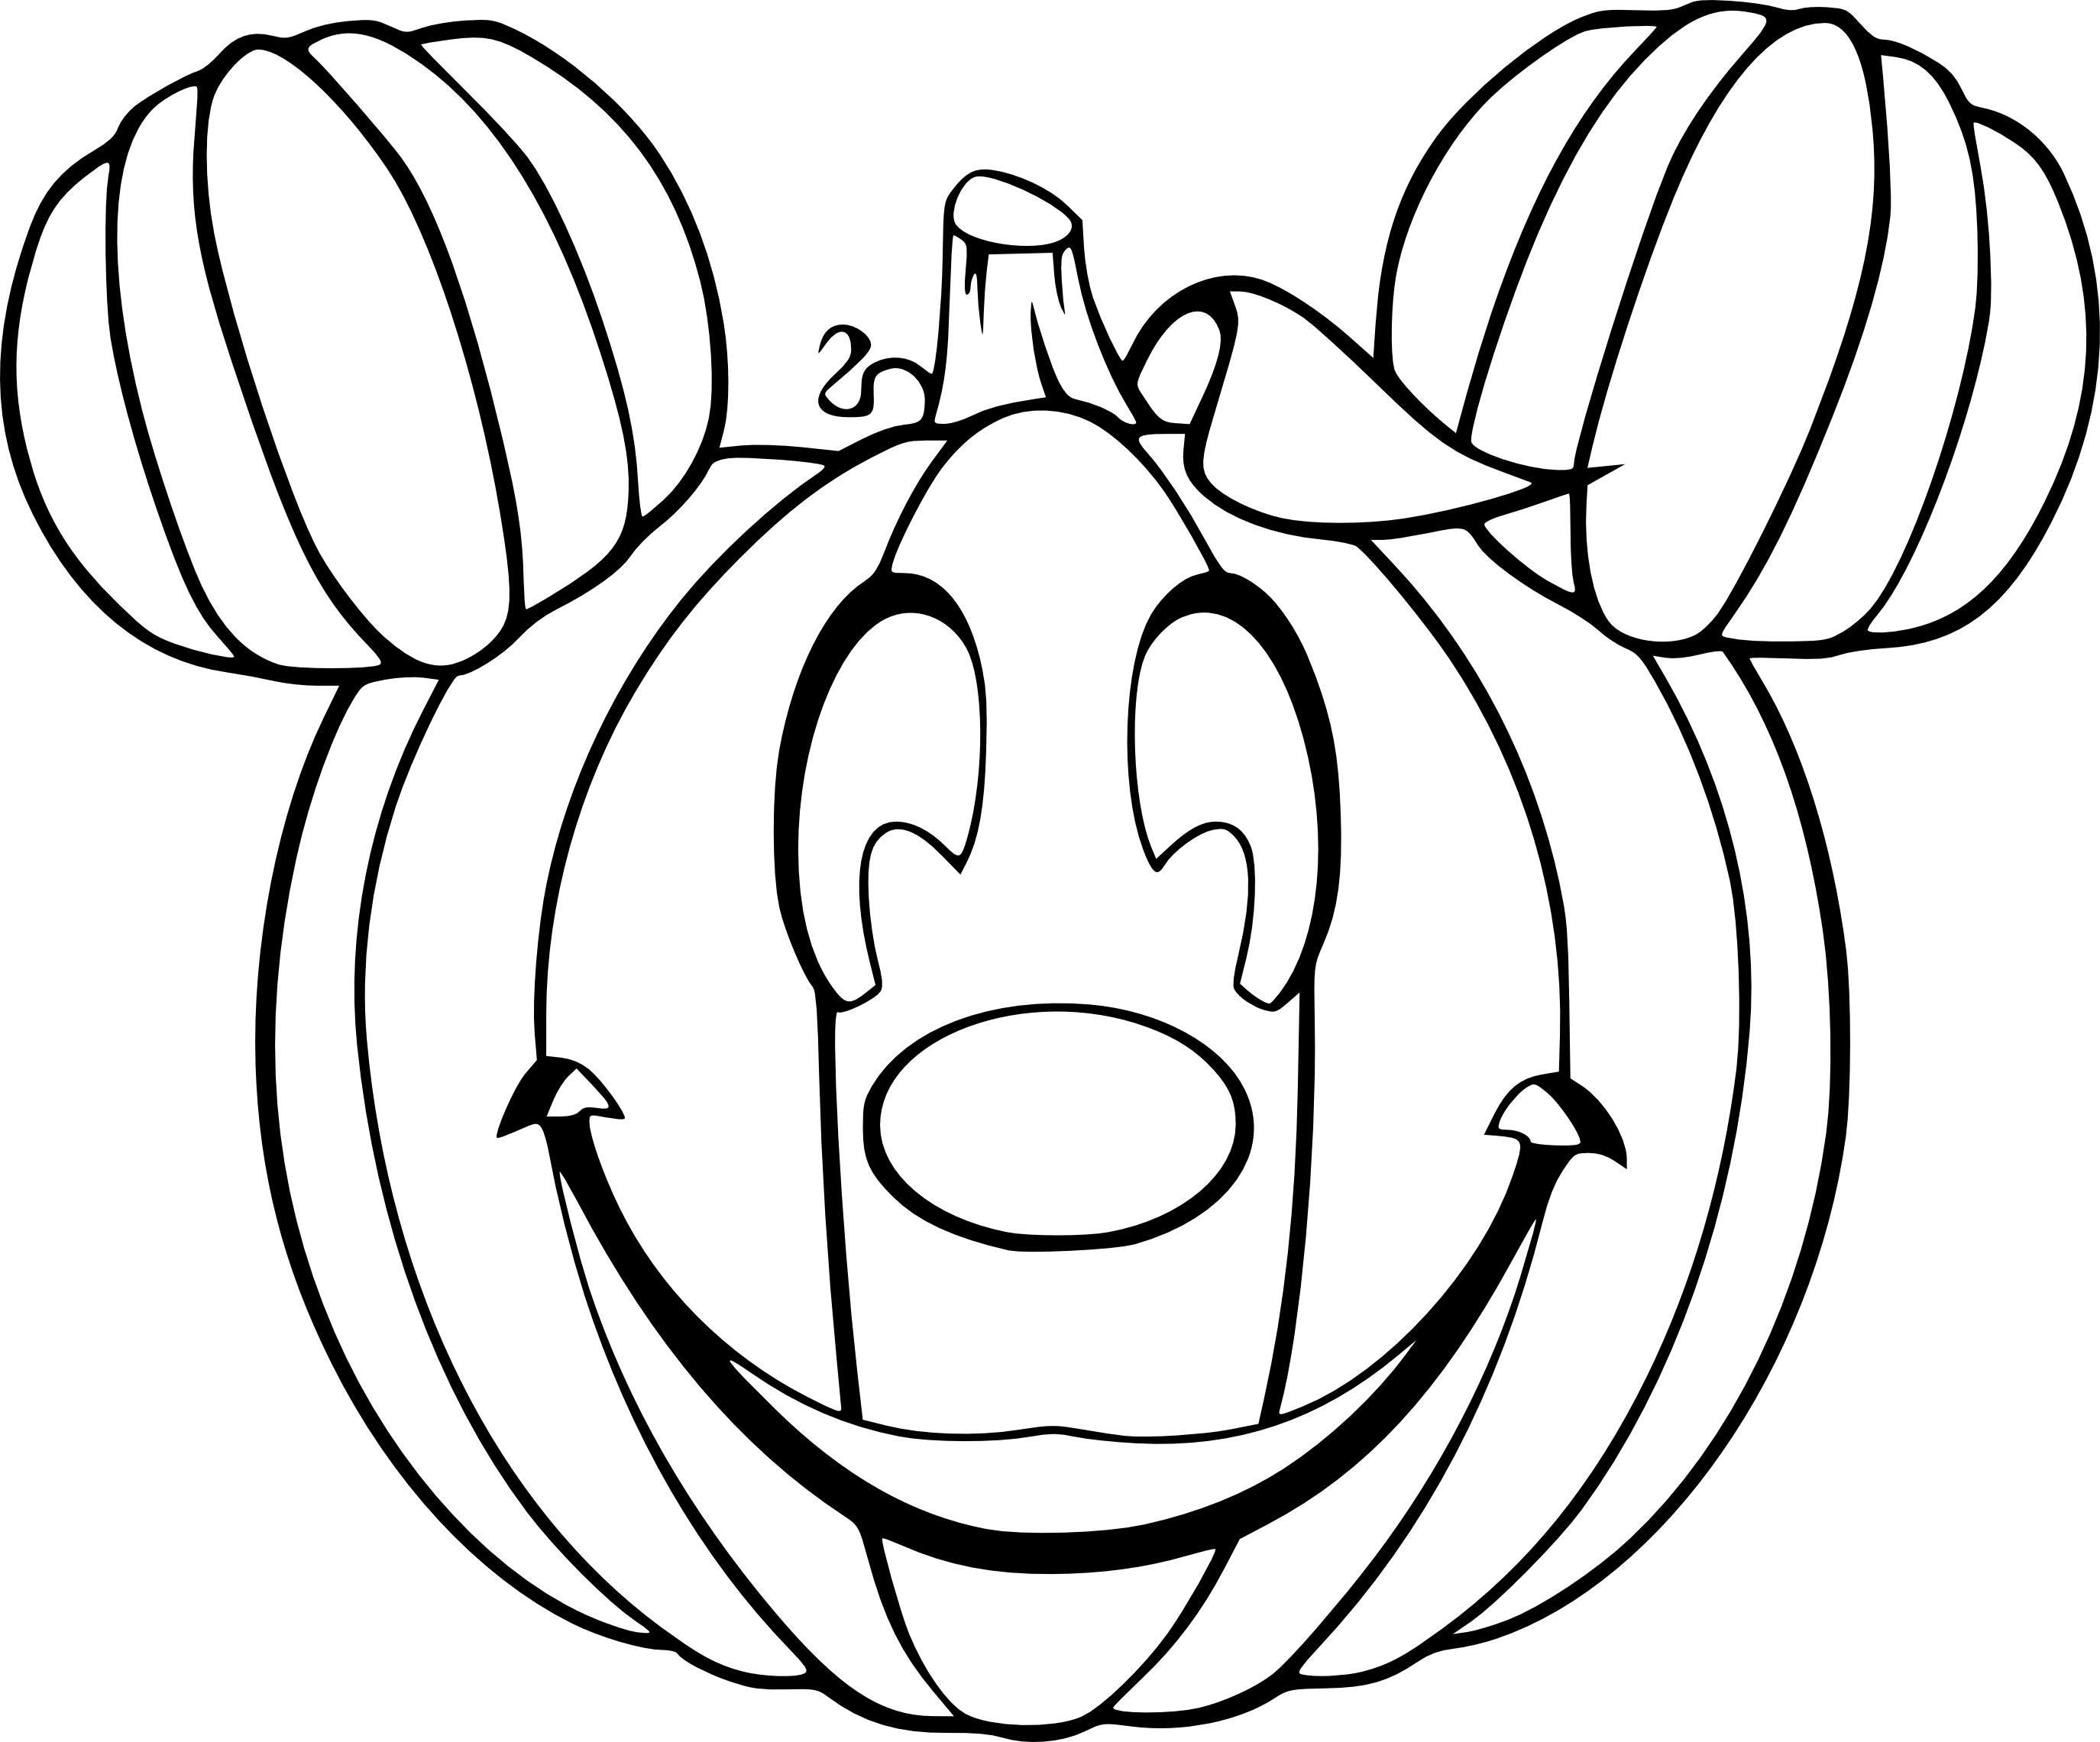 Coloriage citrouille Mickey à imprimer et colorier